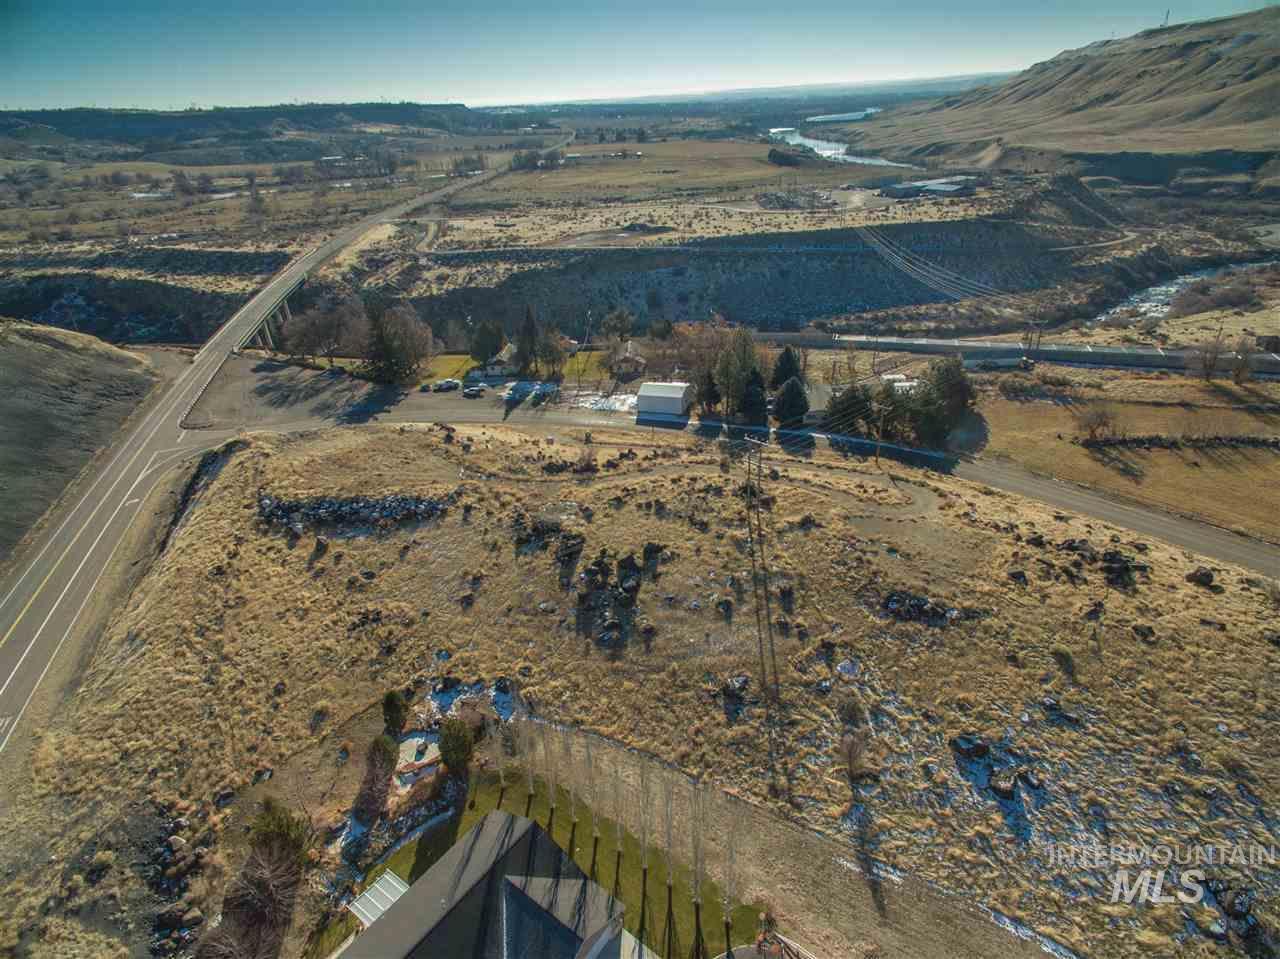 585/586 Cottonwood Lane,Hagerman,Idaho 83332,Land,585/586 Cottonwood Lane,98679500